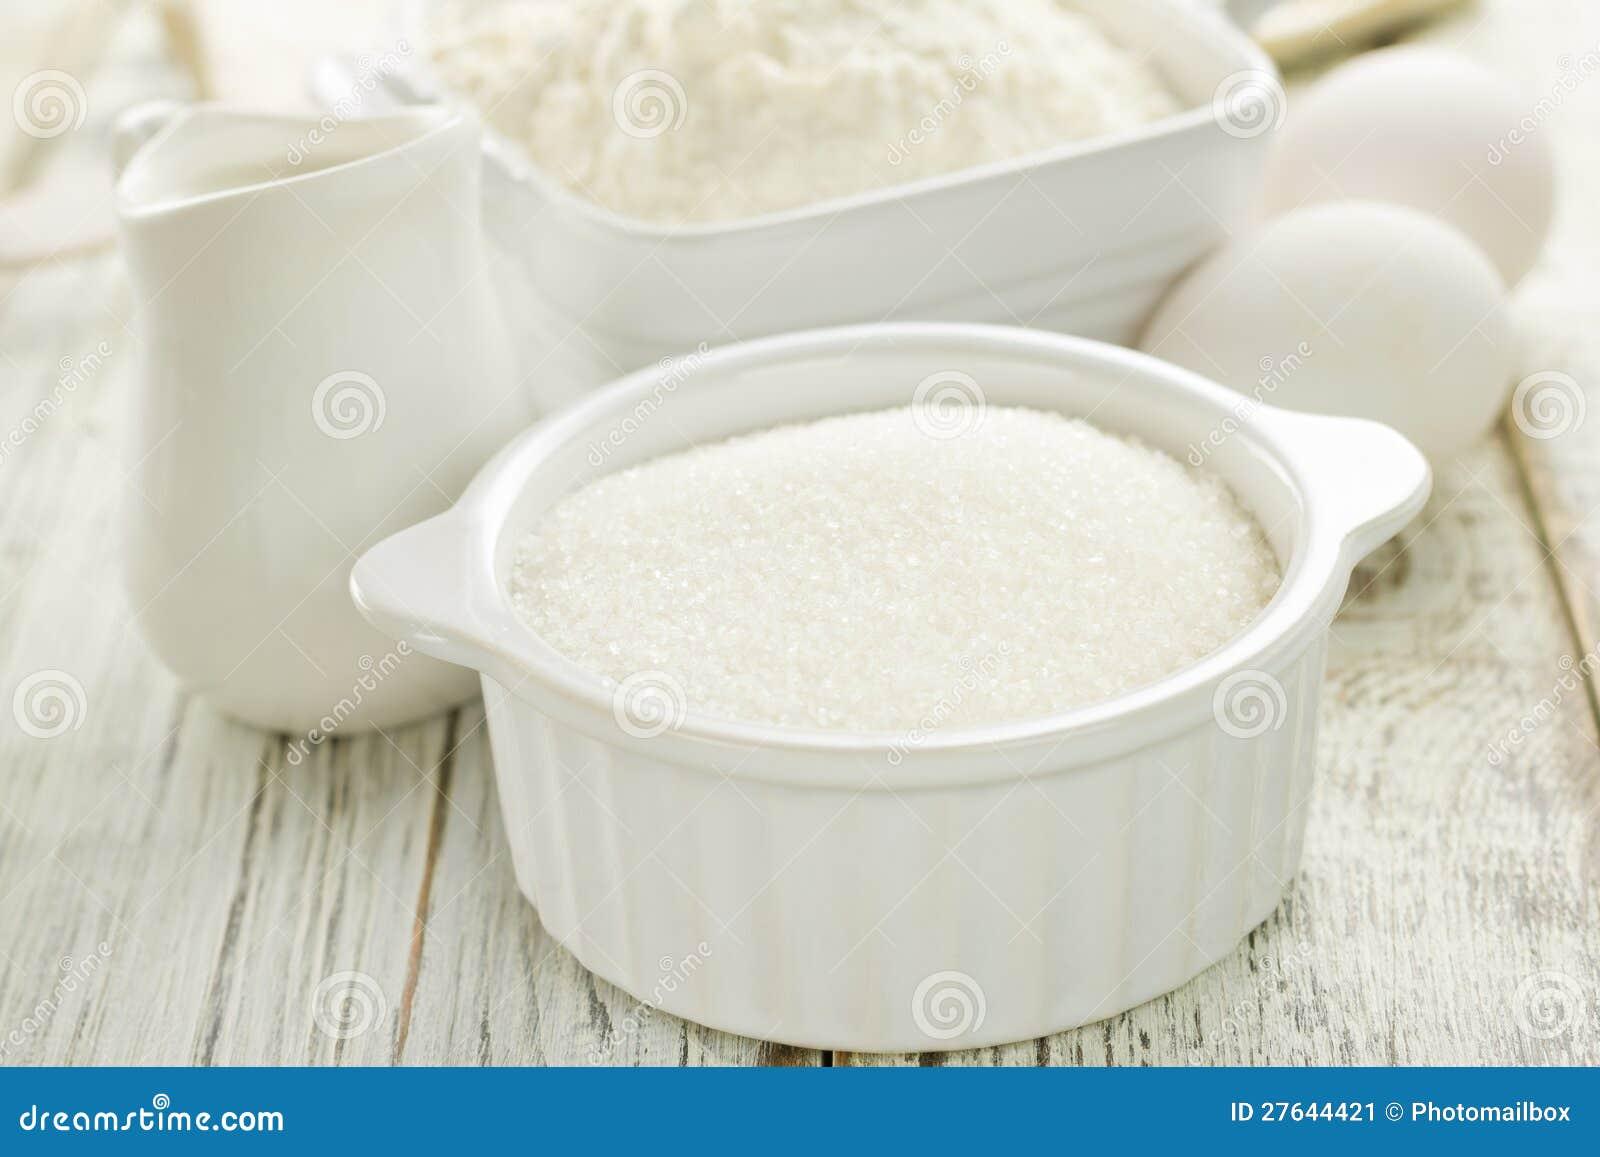 leche azucar: